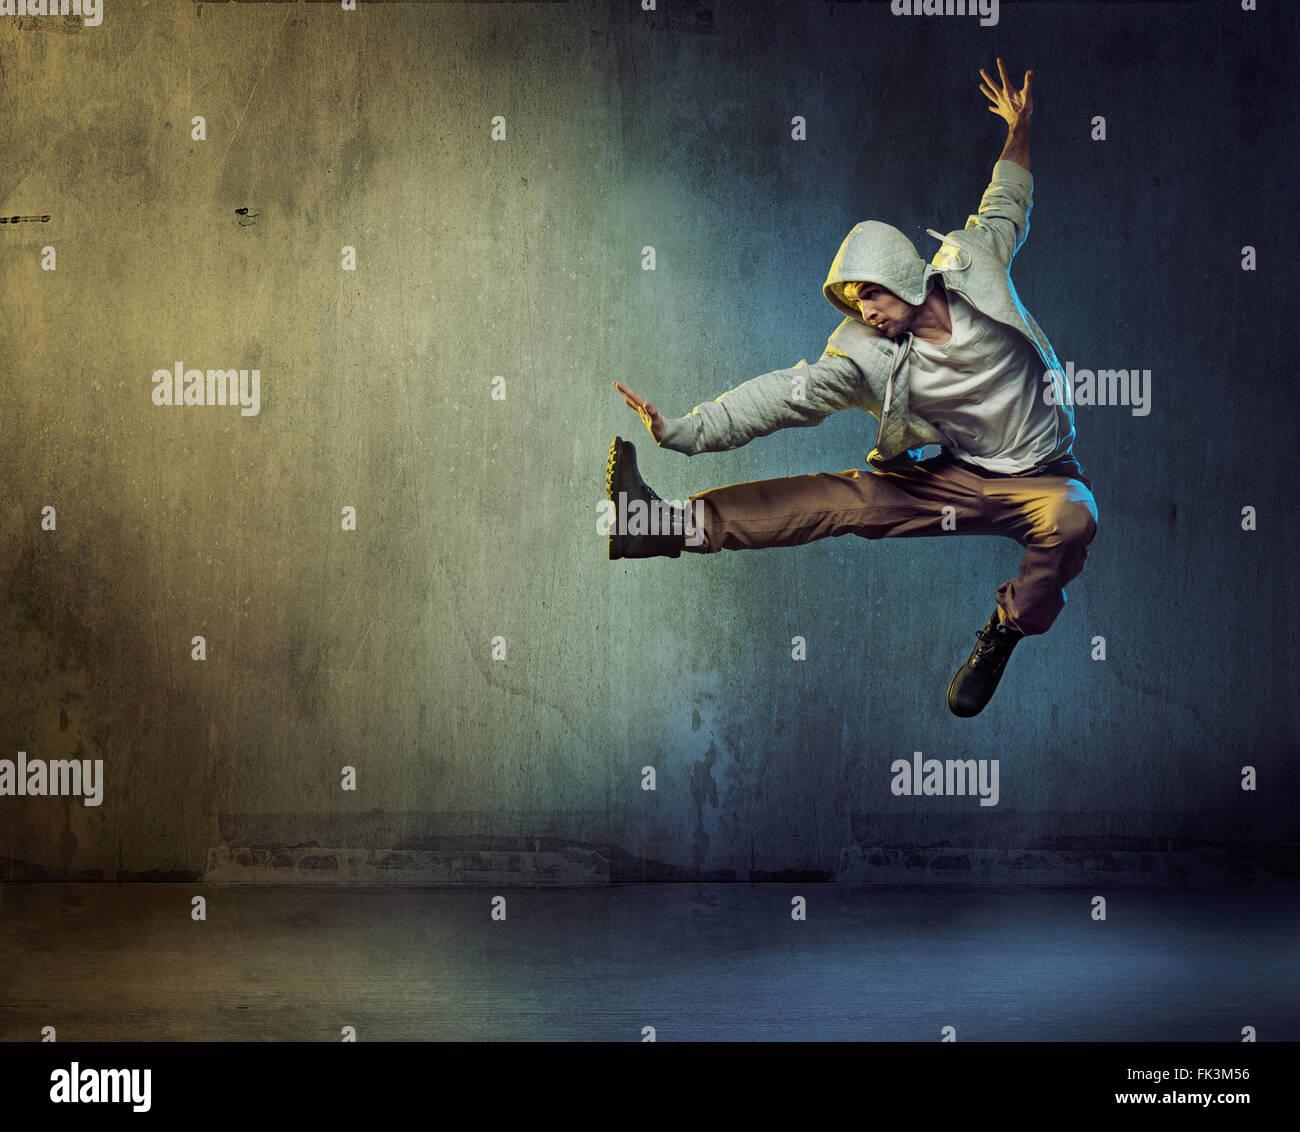 Sportlicher Tänzer in einer super Sprung pose Stockbild